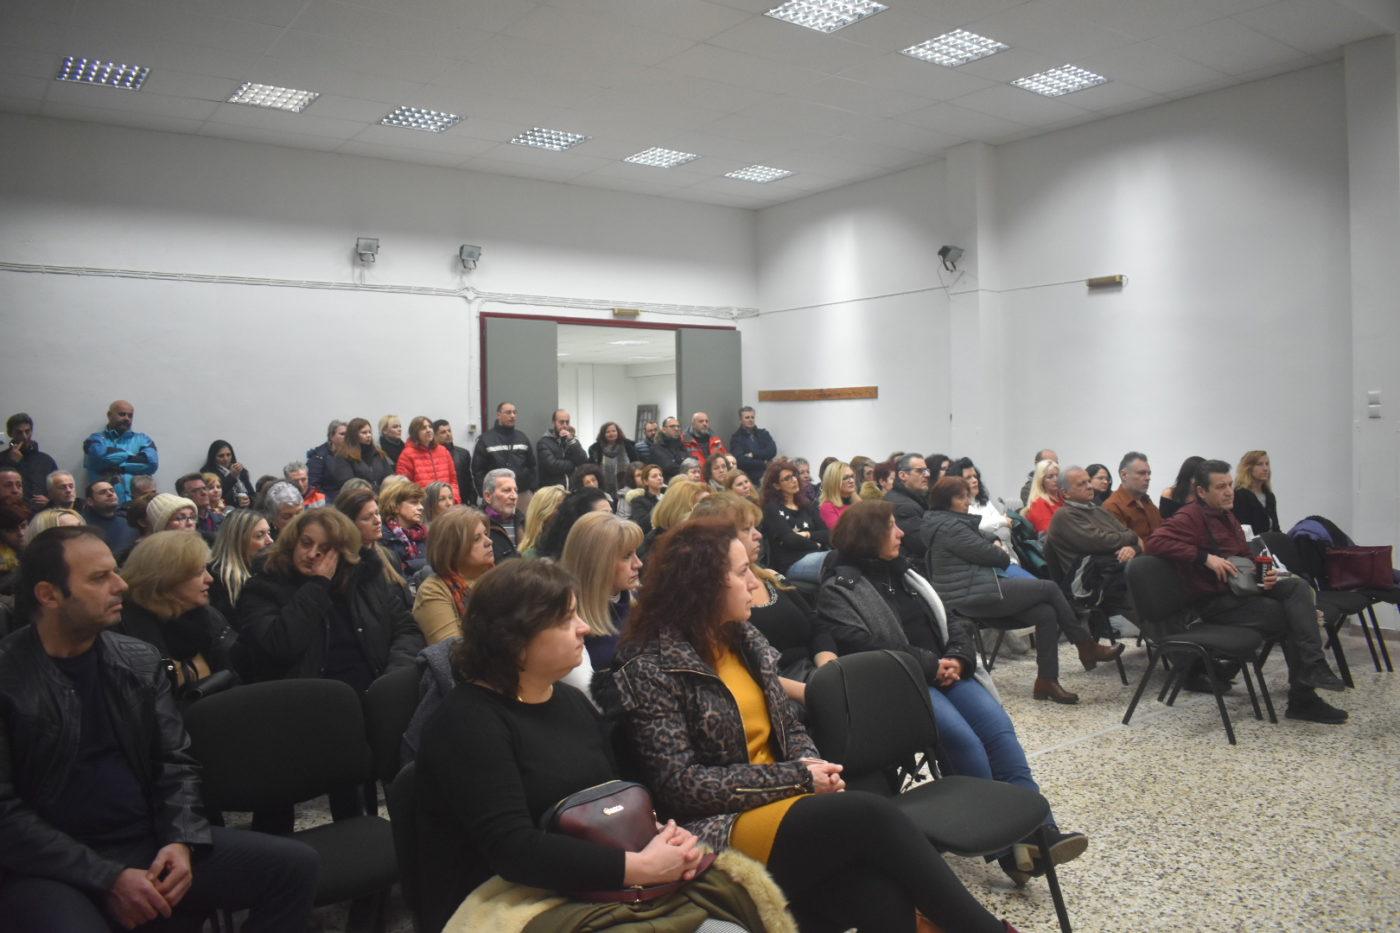 Για την εξέλιξη των αιτημάτων τους ενημερώθηκαν οι πρώην εργαζόμενοι των Σούπερ Μάρκετ Λάρισα (φωτο)